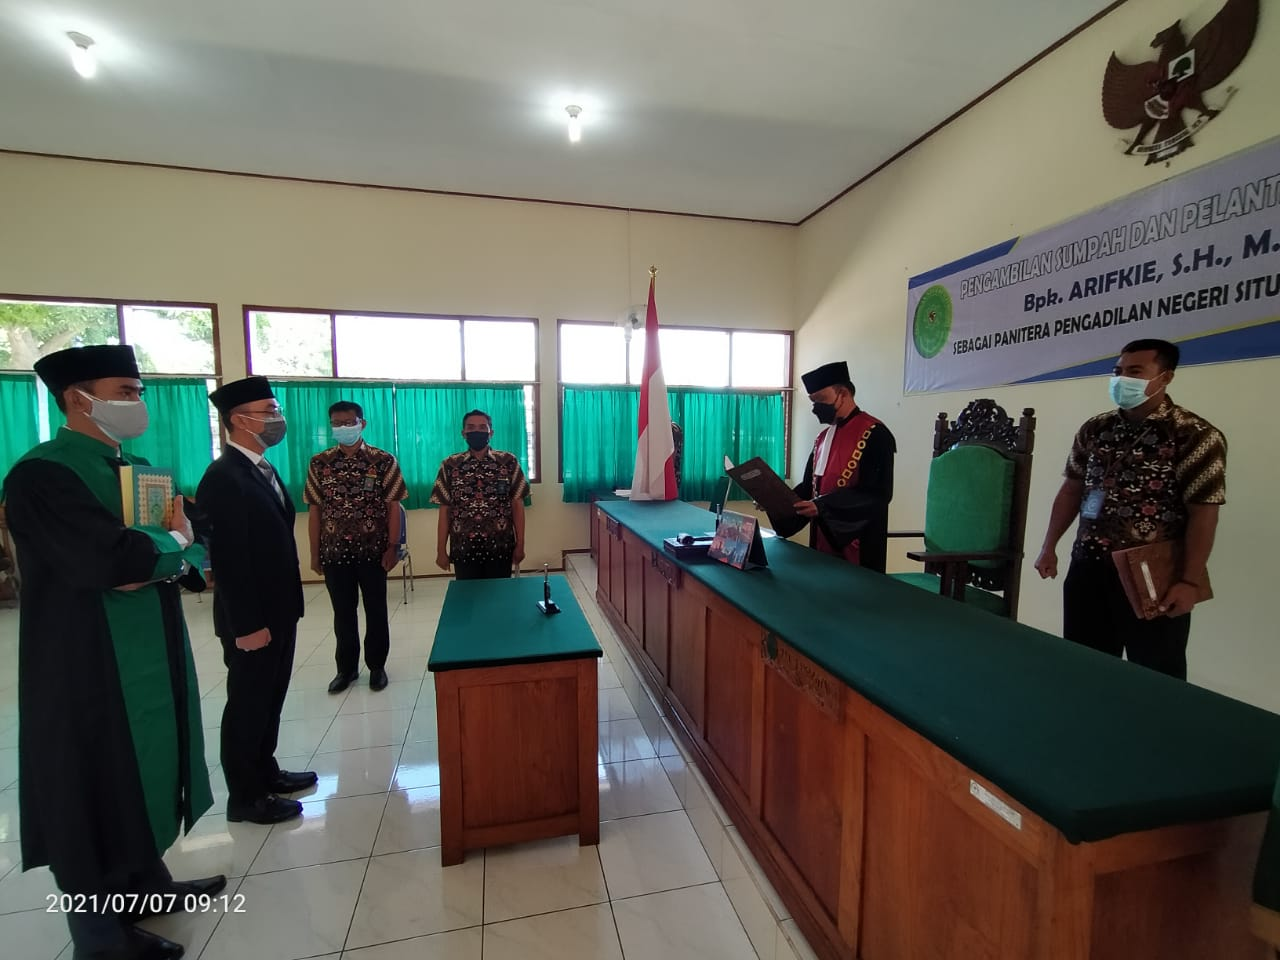 Pelantikan dan Pengambilan Sumpah Panitera Pengadilan Negeri Situbondo Bpk. Arifkie , S.H.,M.H.